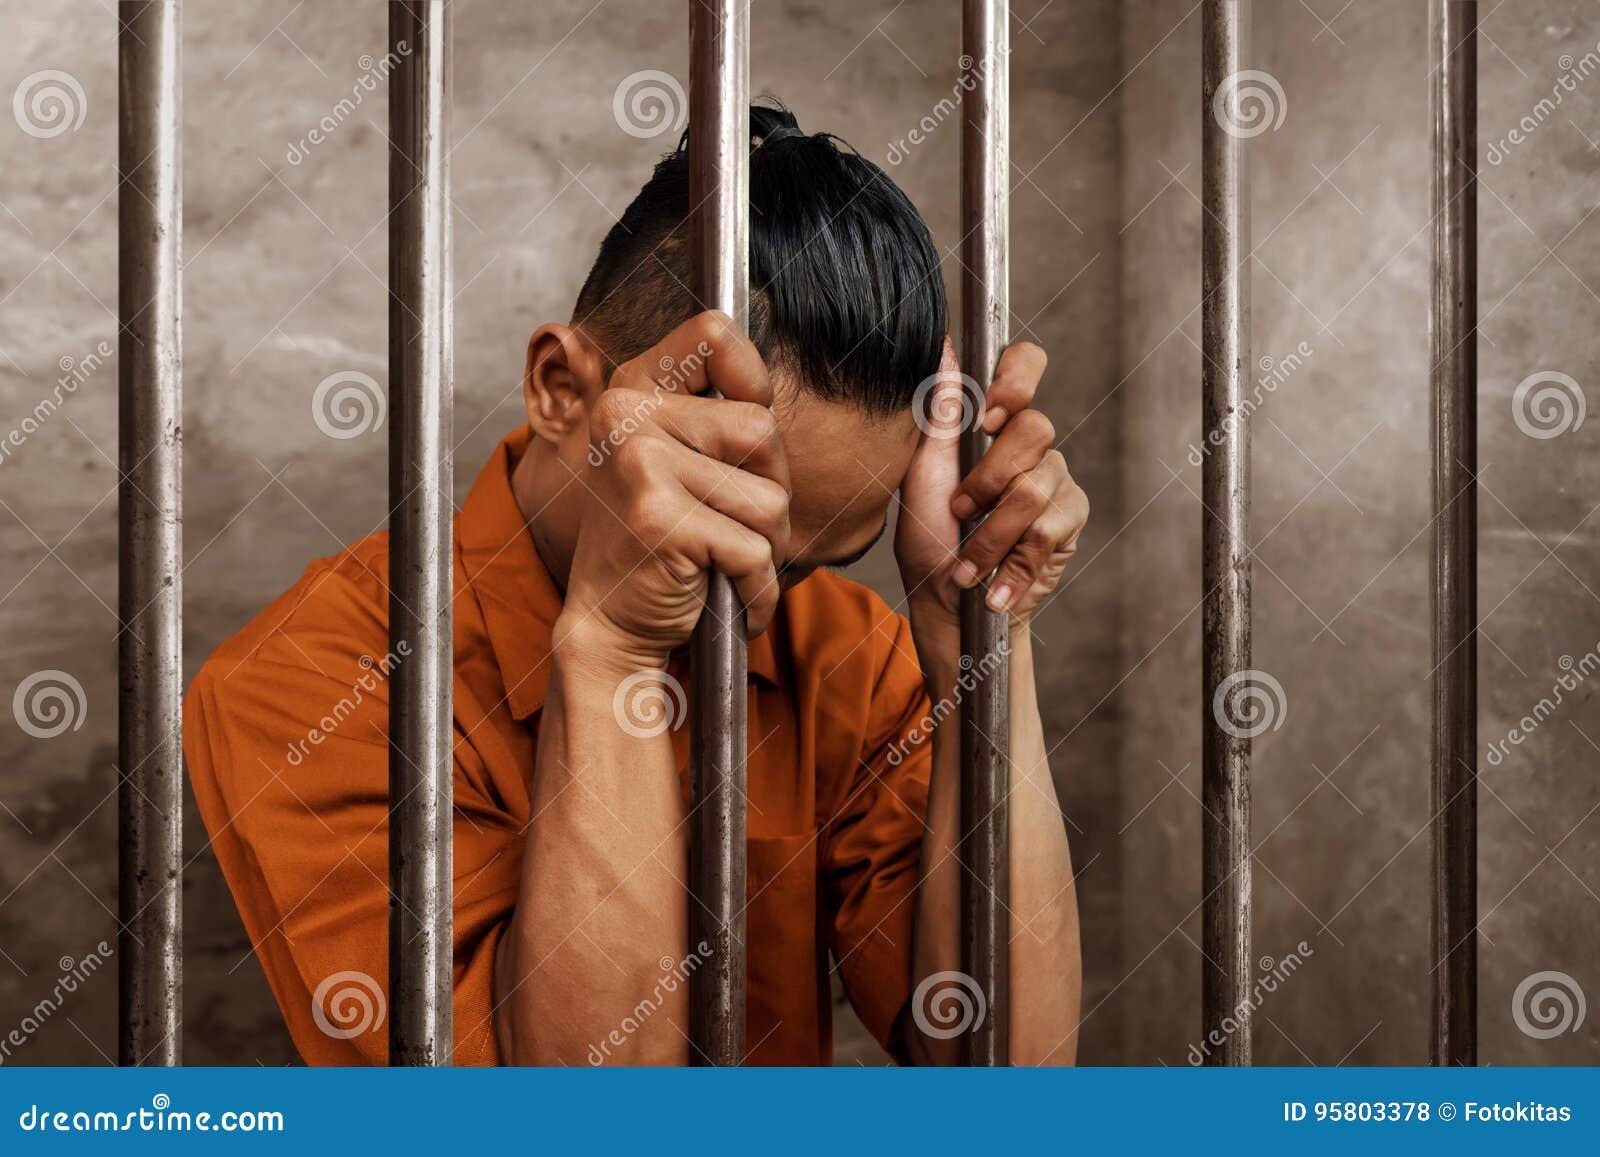 Hombre asiático en la prisión solamente